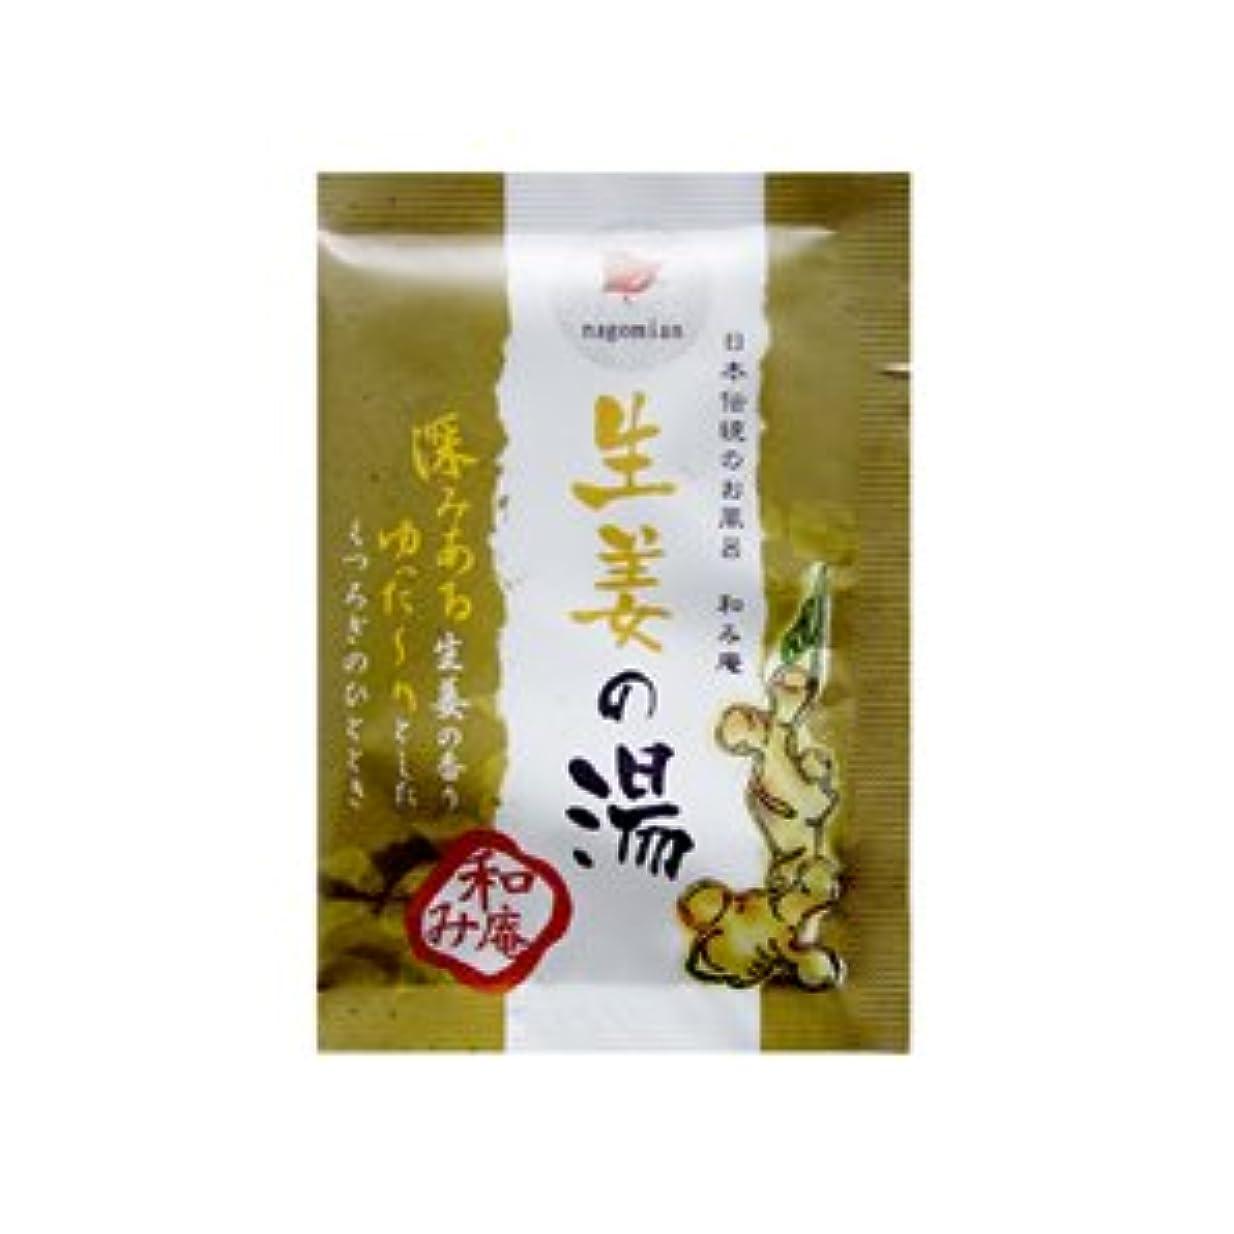 どんよりした規則性妊娠した日本伝統のお風呂 和み庵 生姜の湯 25g 5個セット